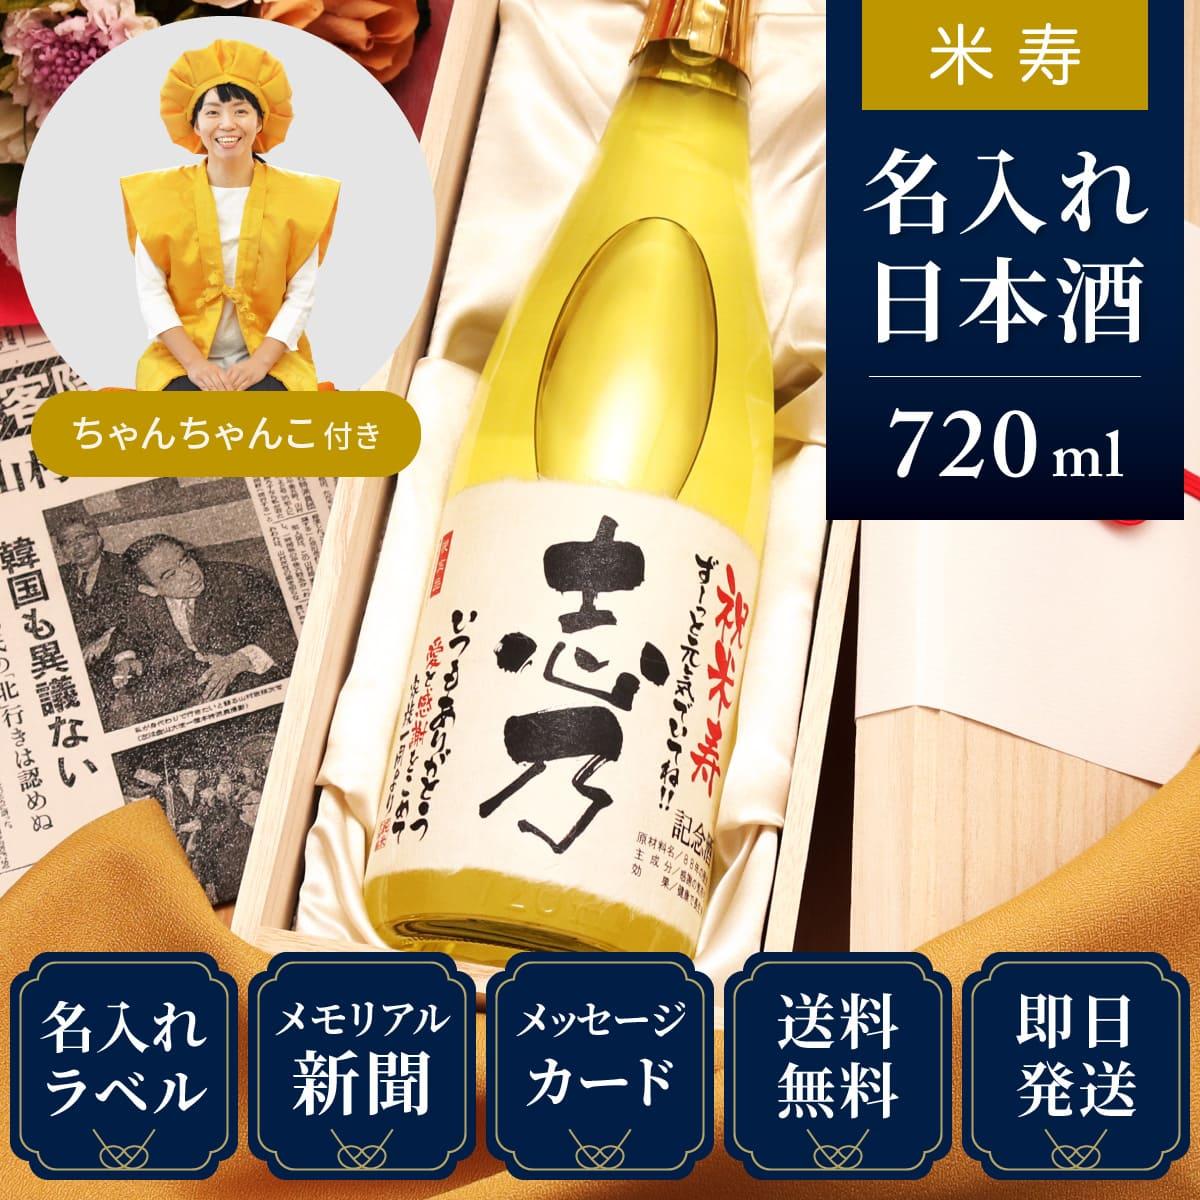 米寿ちゃんちゃんこ(日本製)と黄色瓶セット「巴月」720ml(日本酒)